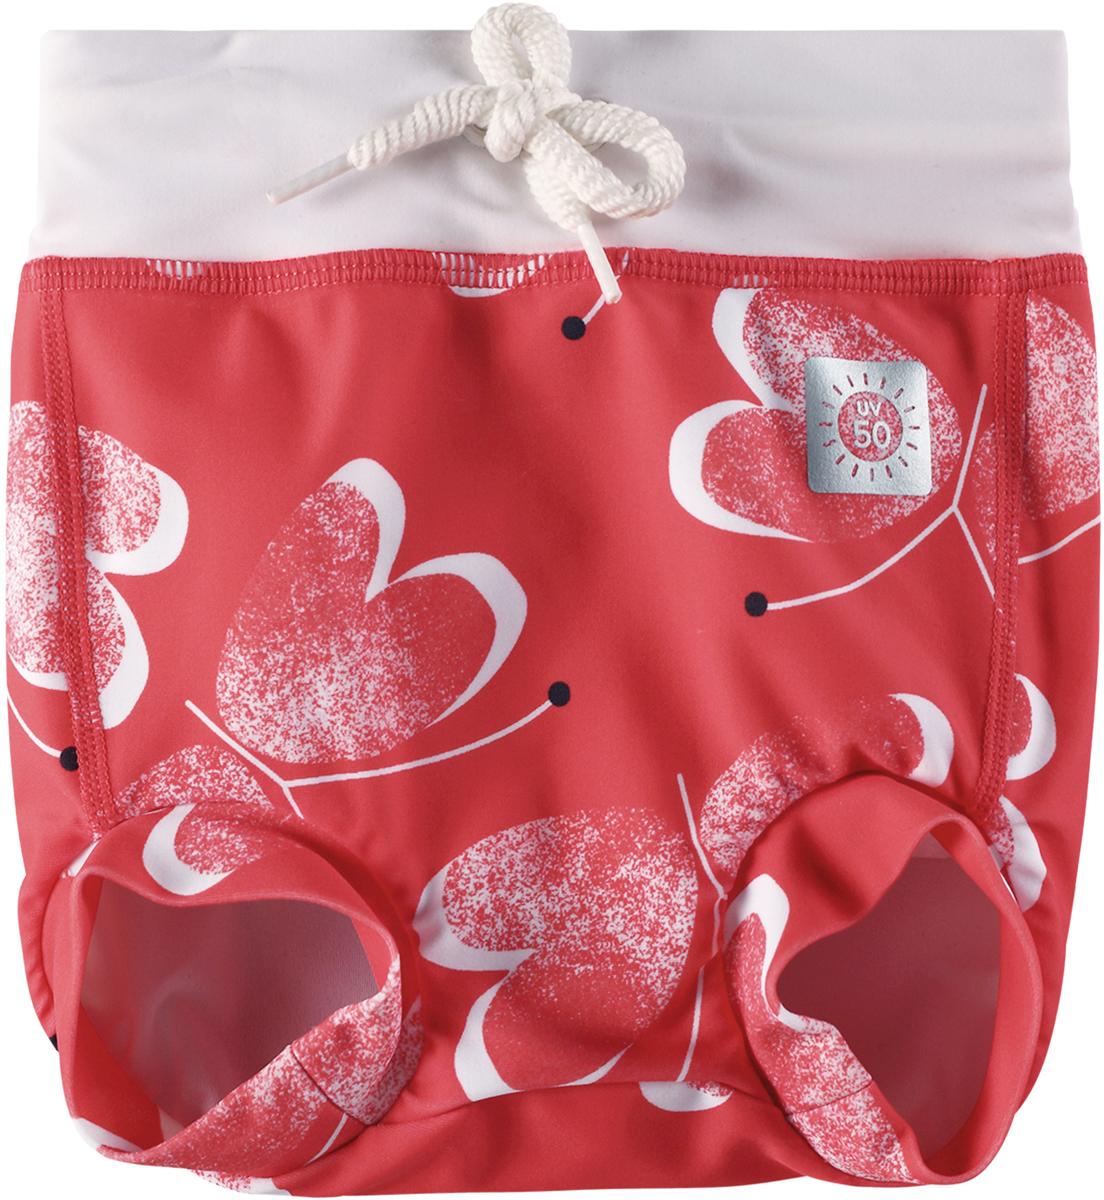 Купальные плавки детские Reima Belize, цвет: красный. 5163343343. Размер 86 guatemala belize 1 500 000